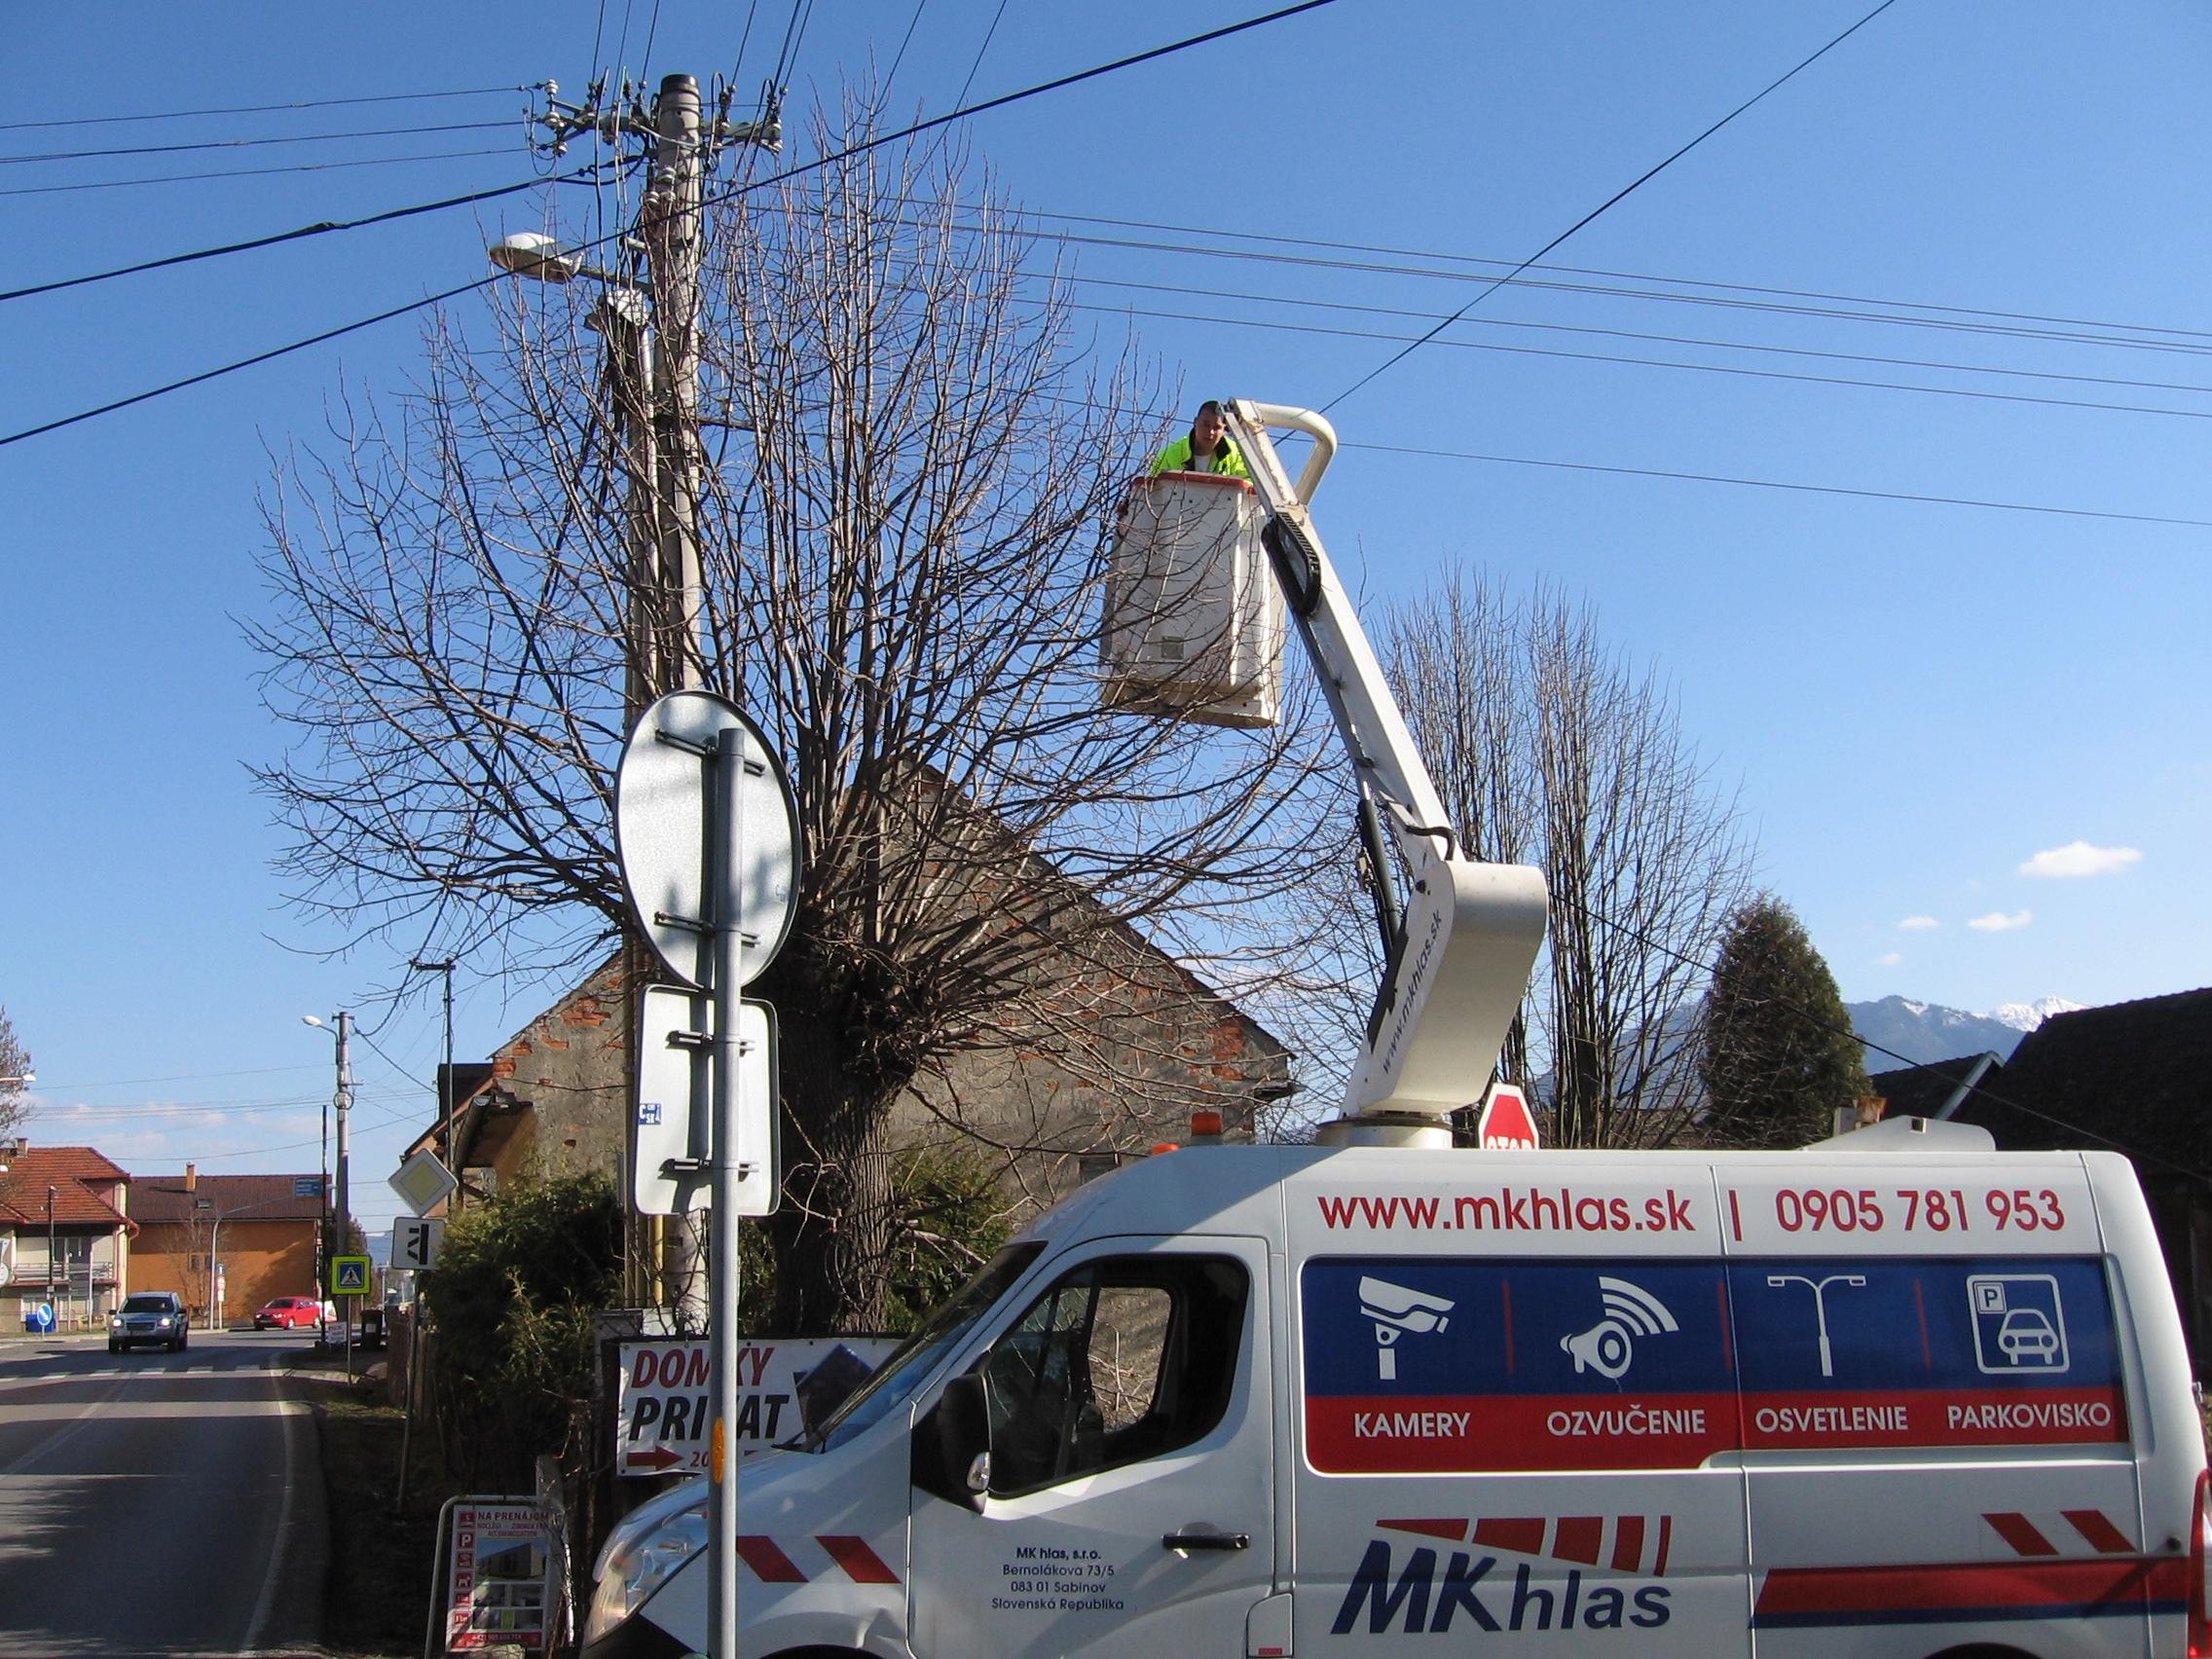 Mesto v týchto dňoch realizuje rozšírenie pokrytia siete mestského drôtového rozhlasu